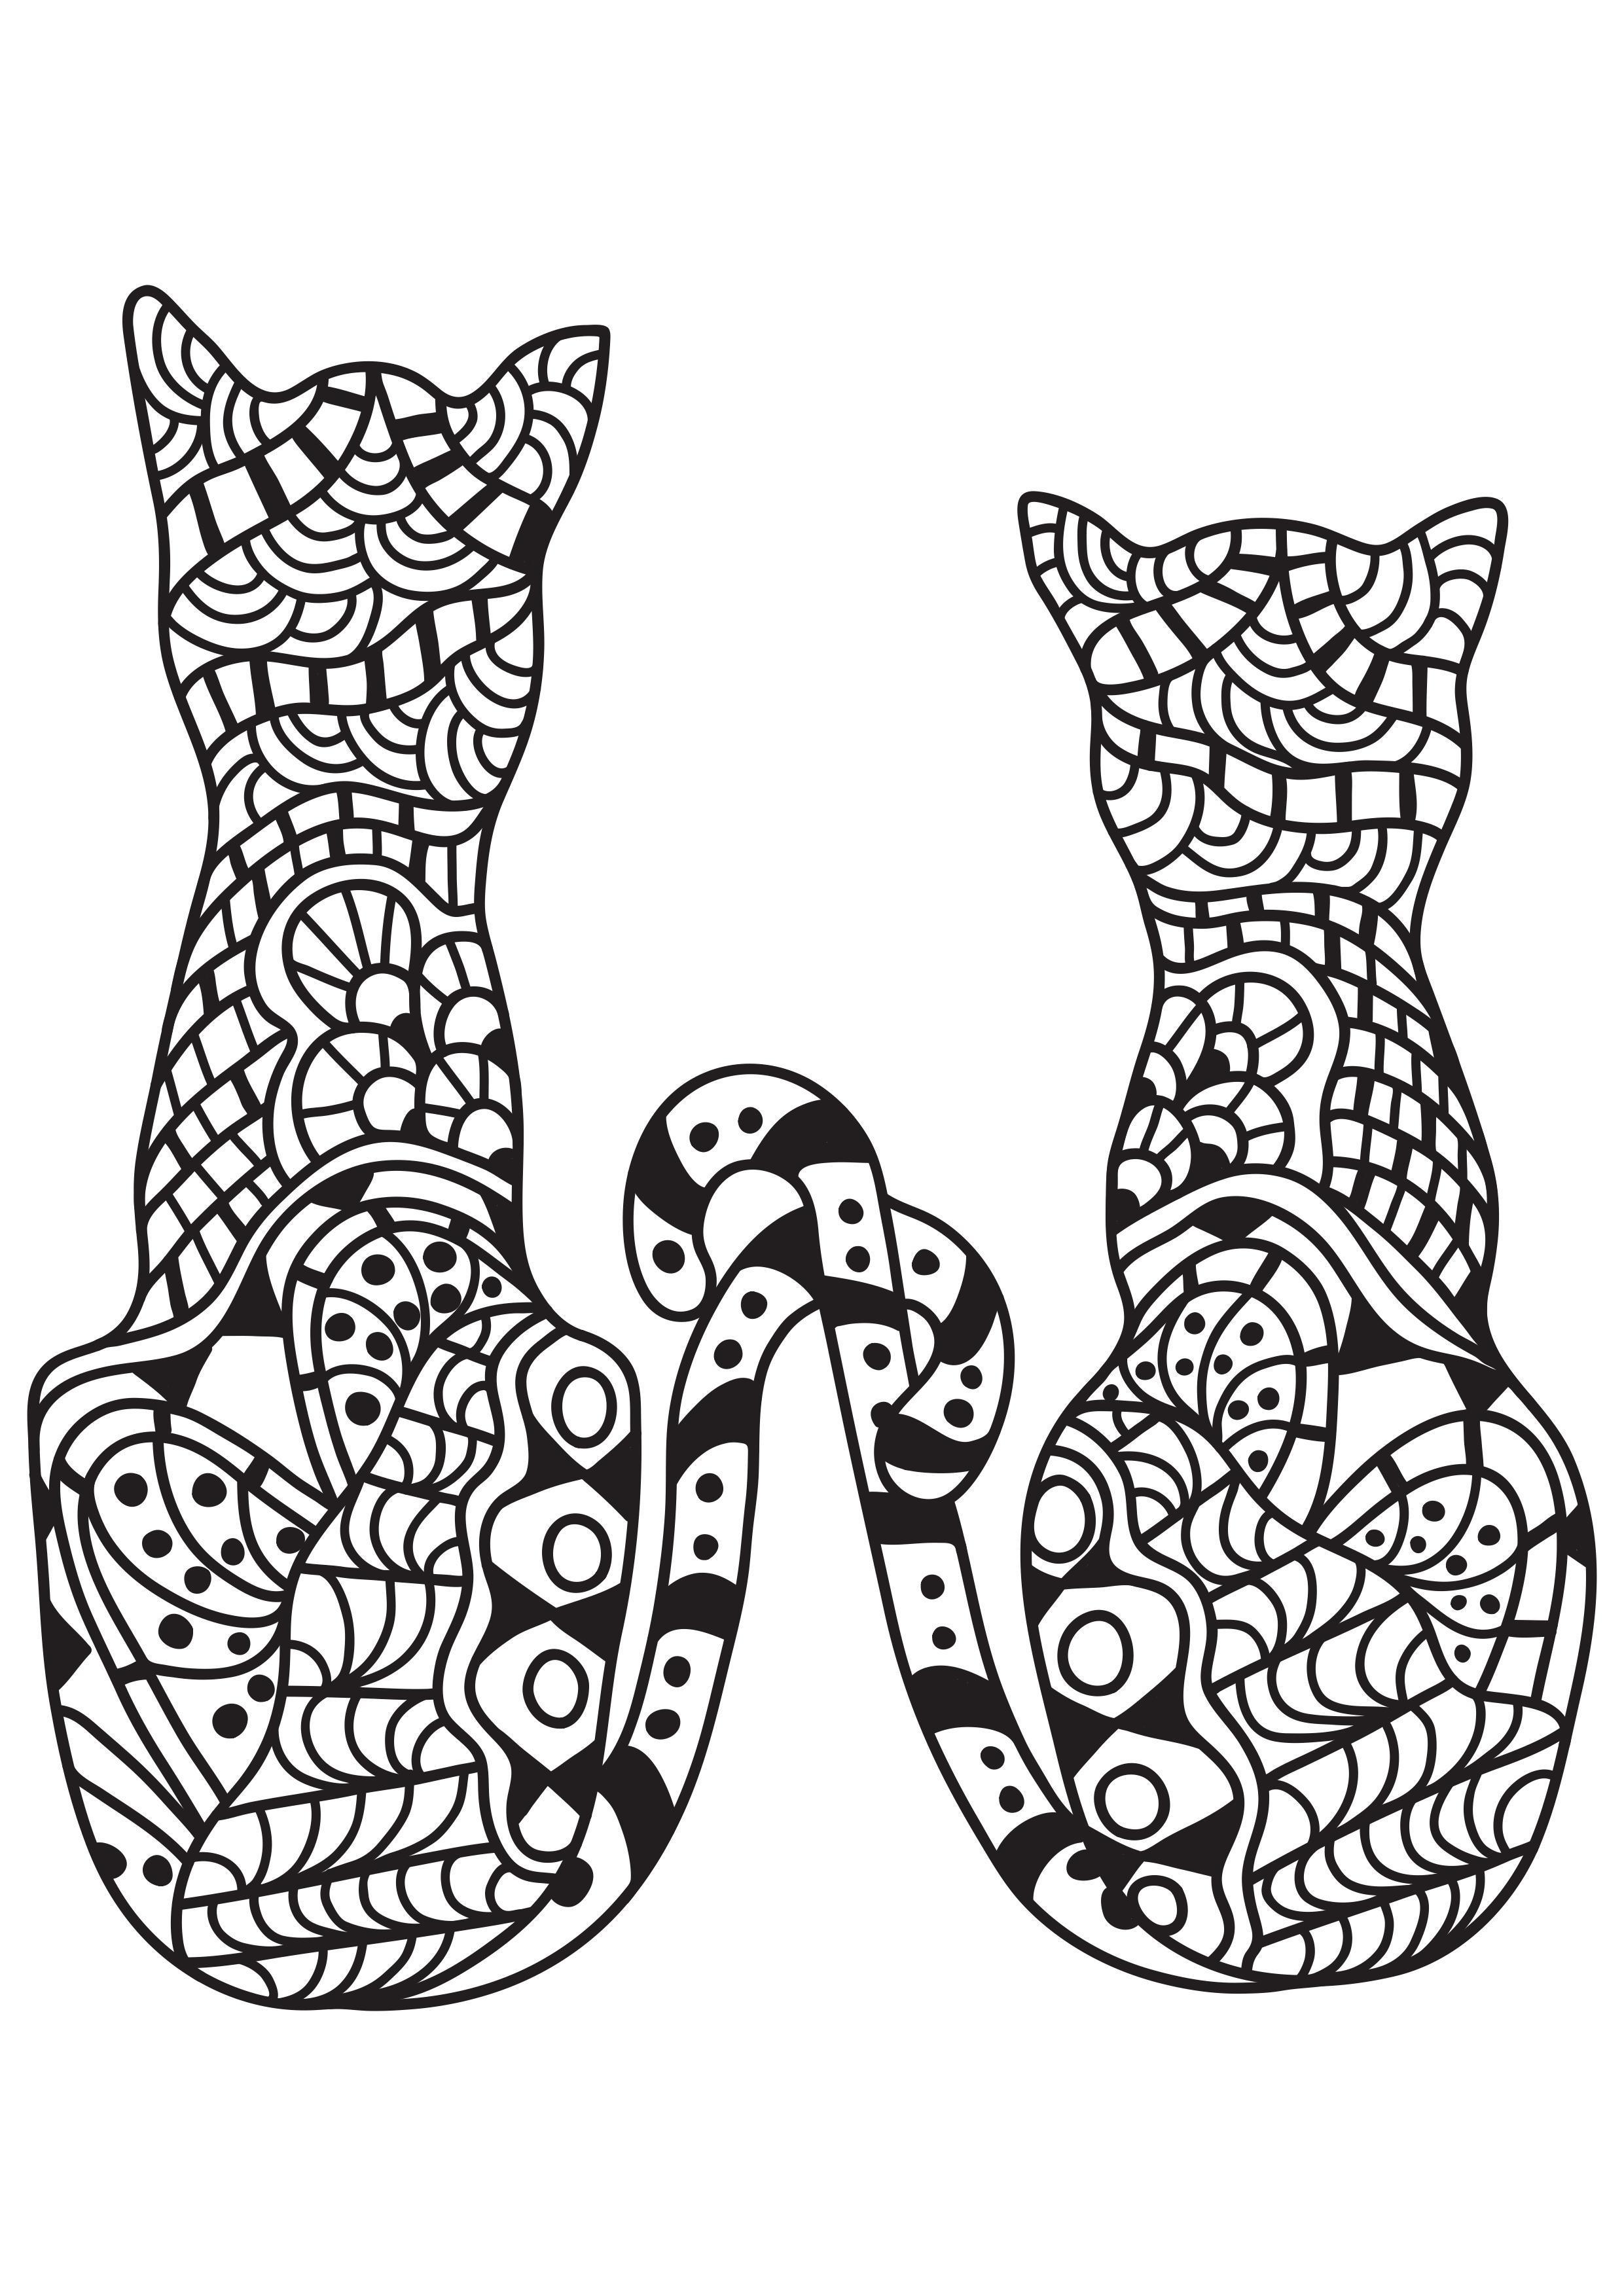 Malvorlage 22 Katzen - Kostenlose Ausmalbilder Zum Ausdrucken